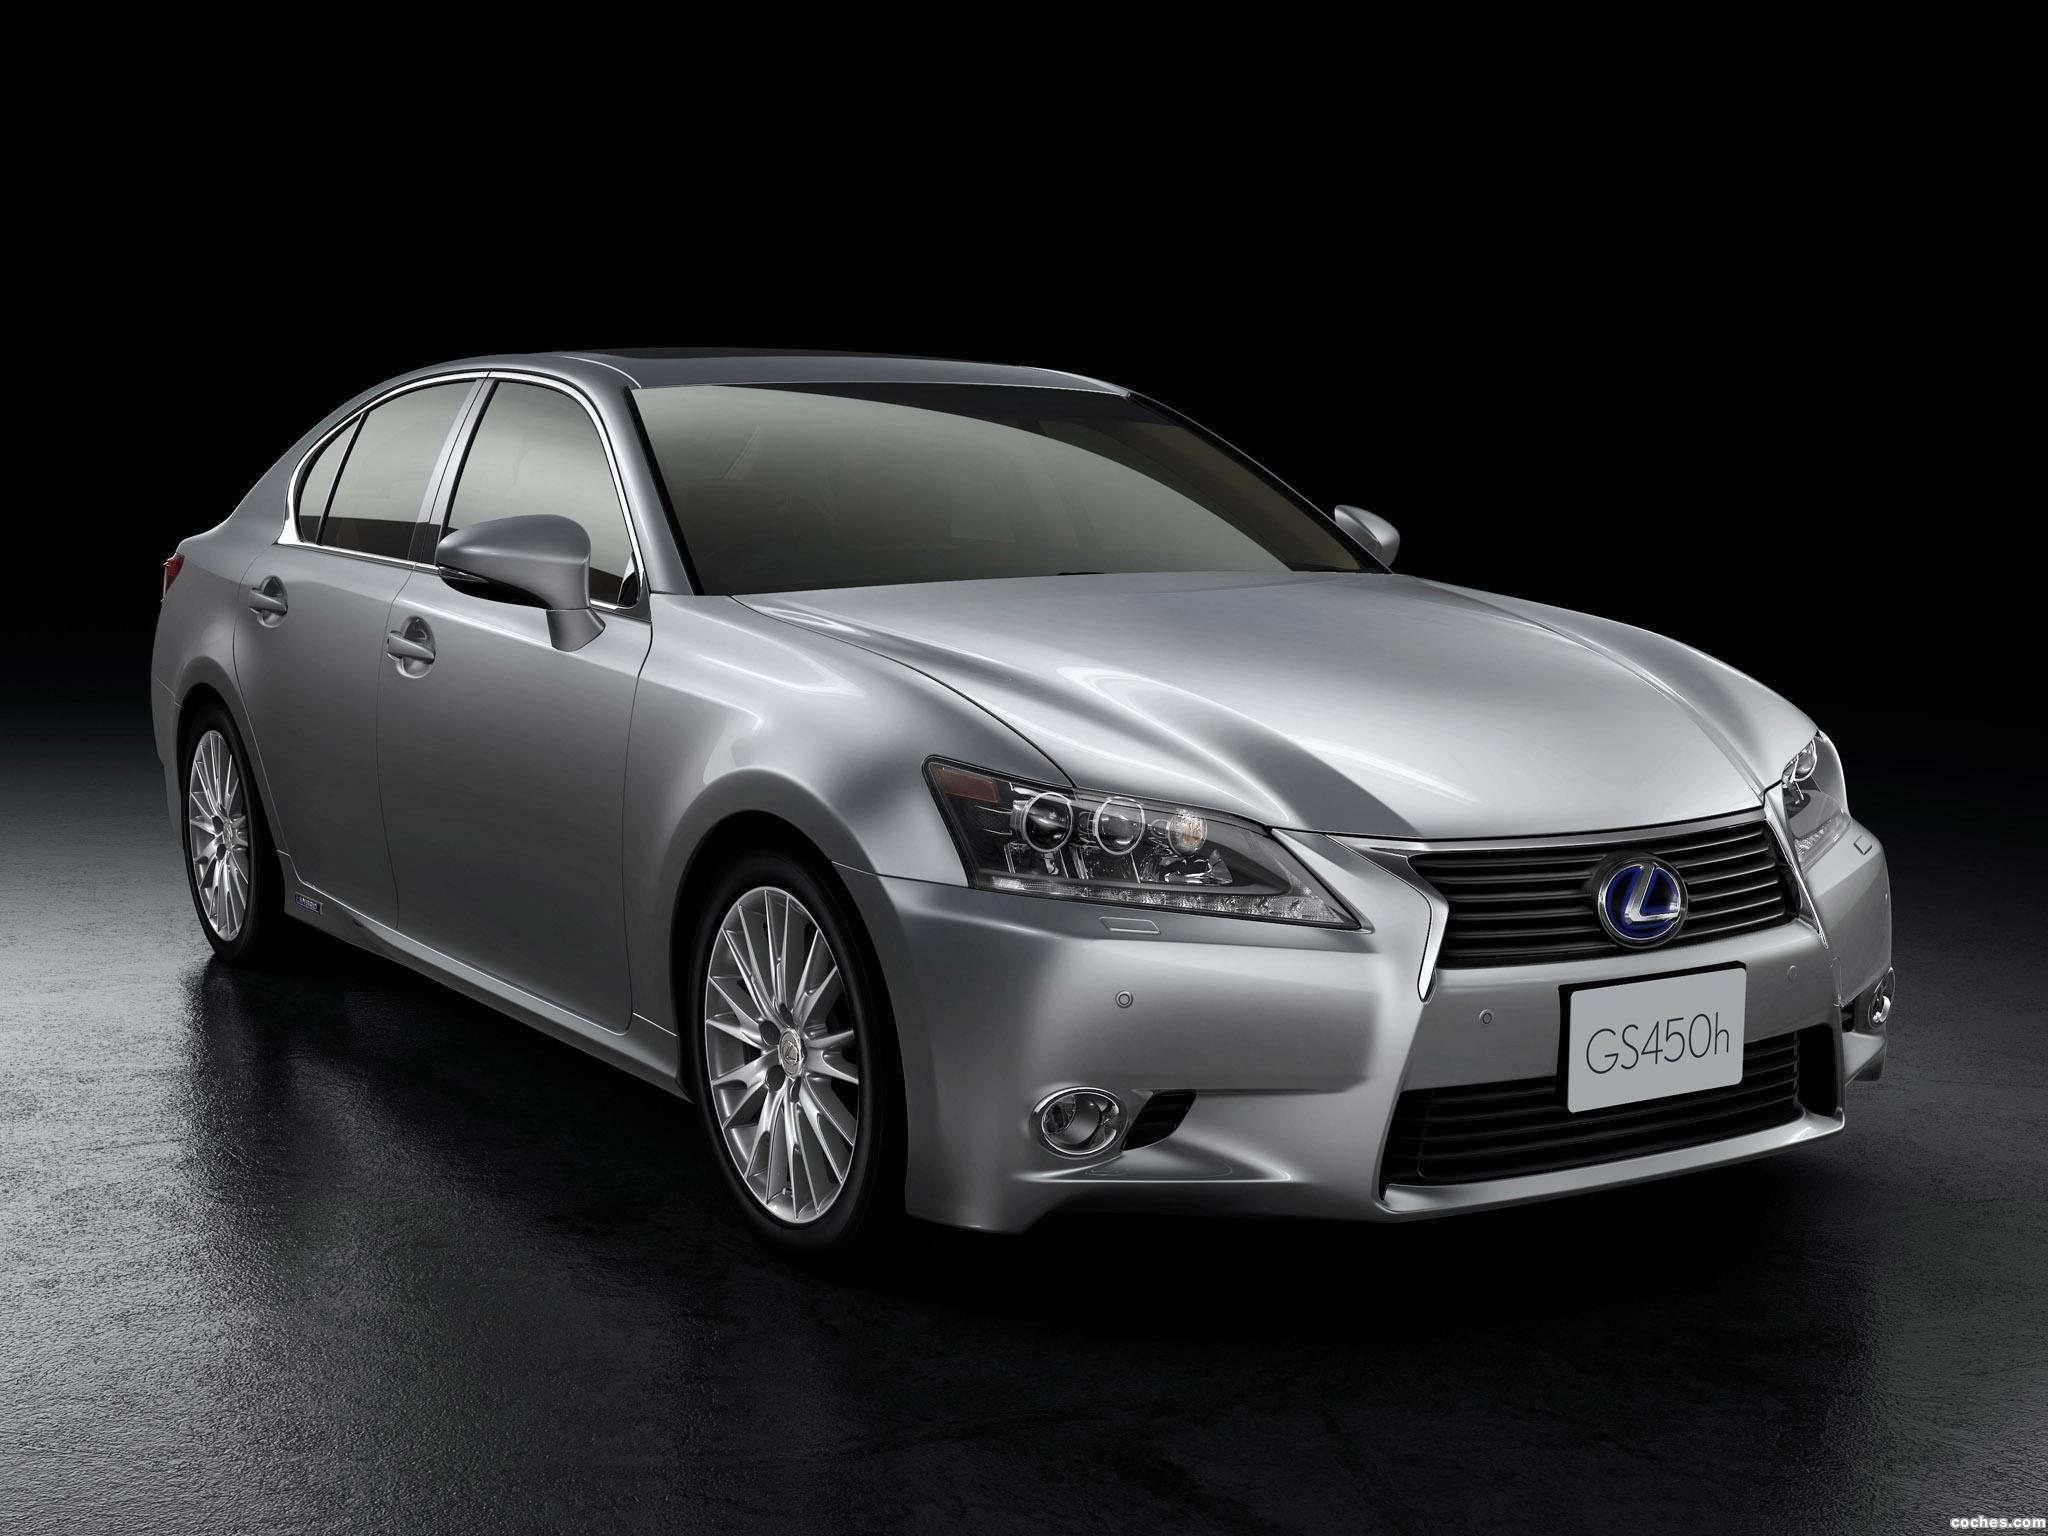 Foto 0 de Lexus GS 450h Japan 2012